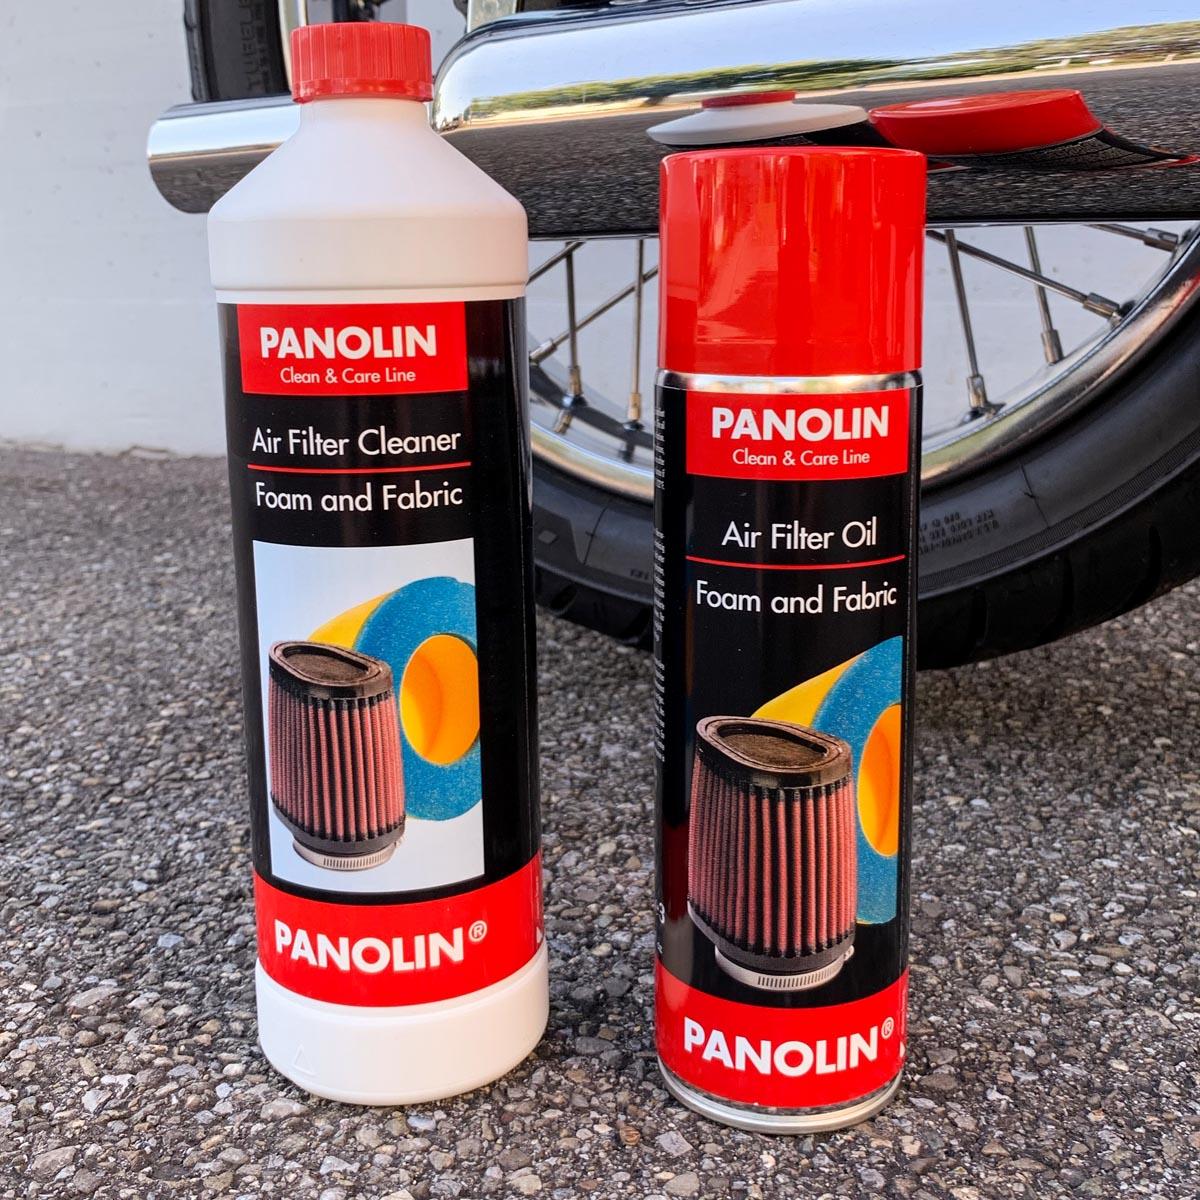 Luftfilterreiniger PANOLIN AIR FILTER CLEANER & Luftfilteröl PANOLIN AIR FILTER OIL: Der gebrauchsfertige, lösungsmittelfreier Reiniger für Schaumstoff- und Baumwoll-Filterelemente auf Wasserbasis befreit jeden Luftfilter zuverlässig von Verschmutzungen und ist biologisch abbaubar.  Das Luftfilteröl für Schaumstoff- und Baumwoll-Filterelemente, reduziert wirksam das Eindringen von Sand, Staub und Wasser, haftet hervorragend uns sorgt für einen optimalen Luftdurchlass.